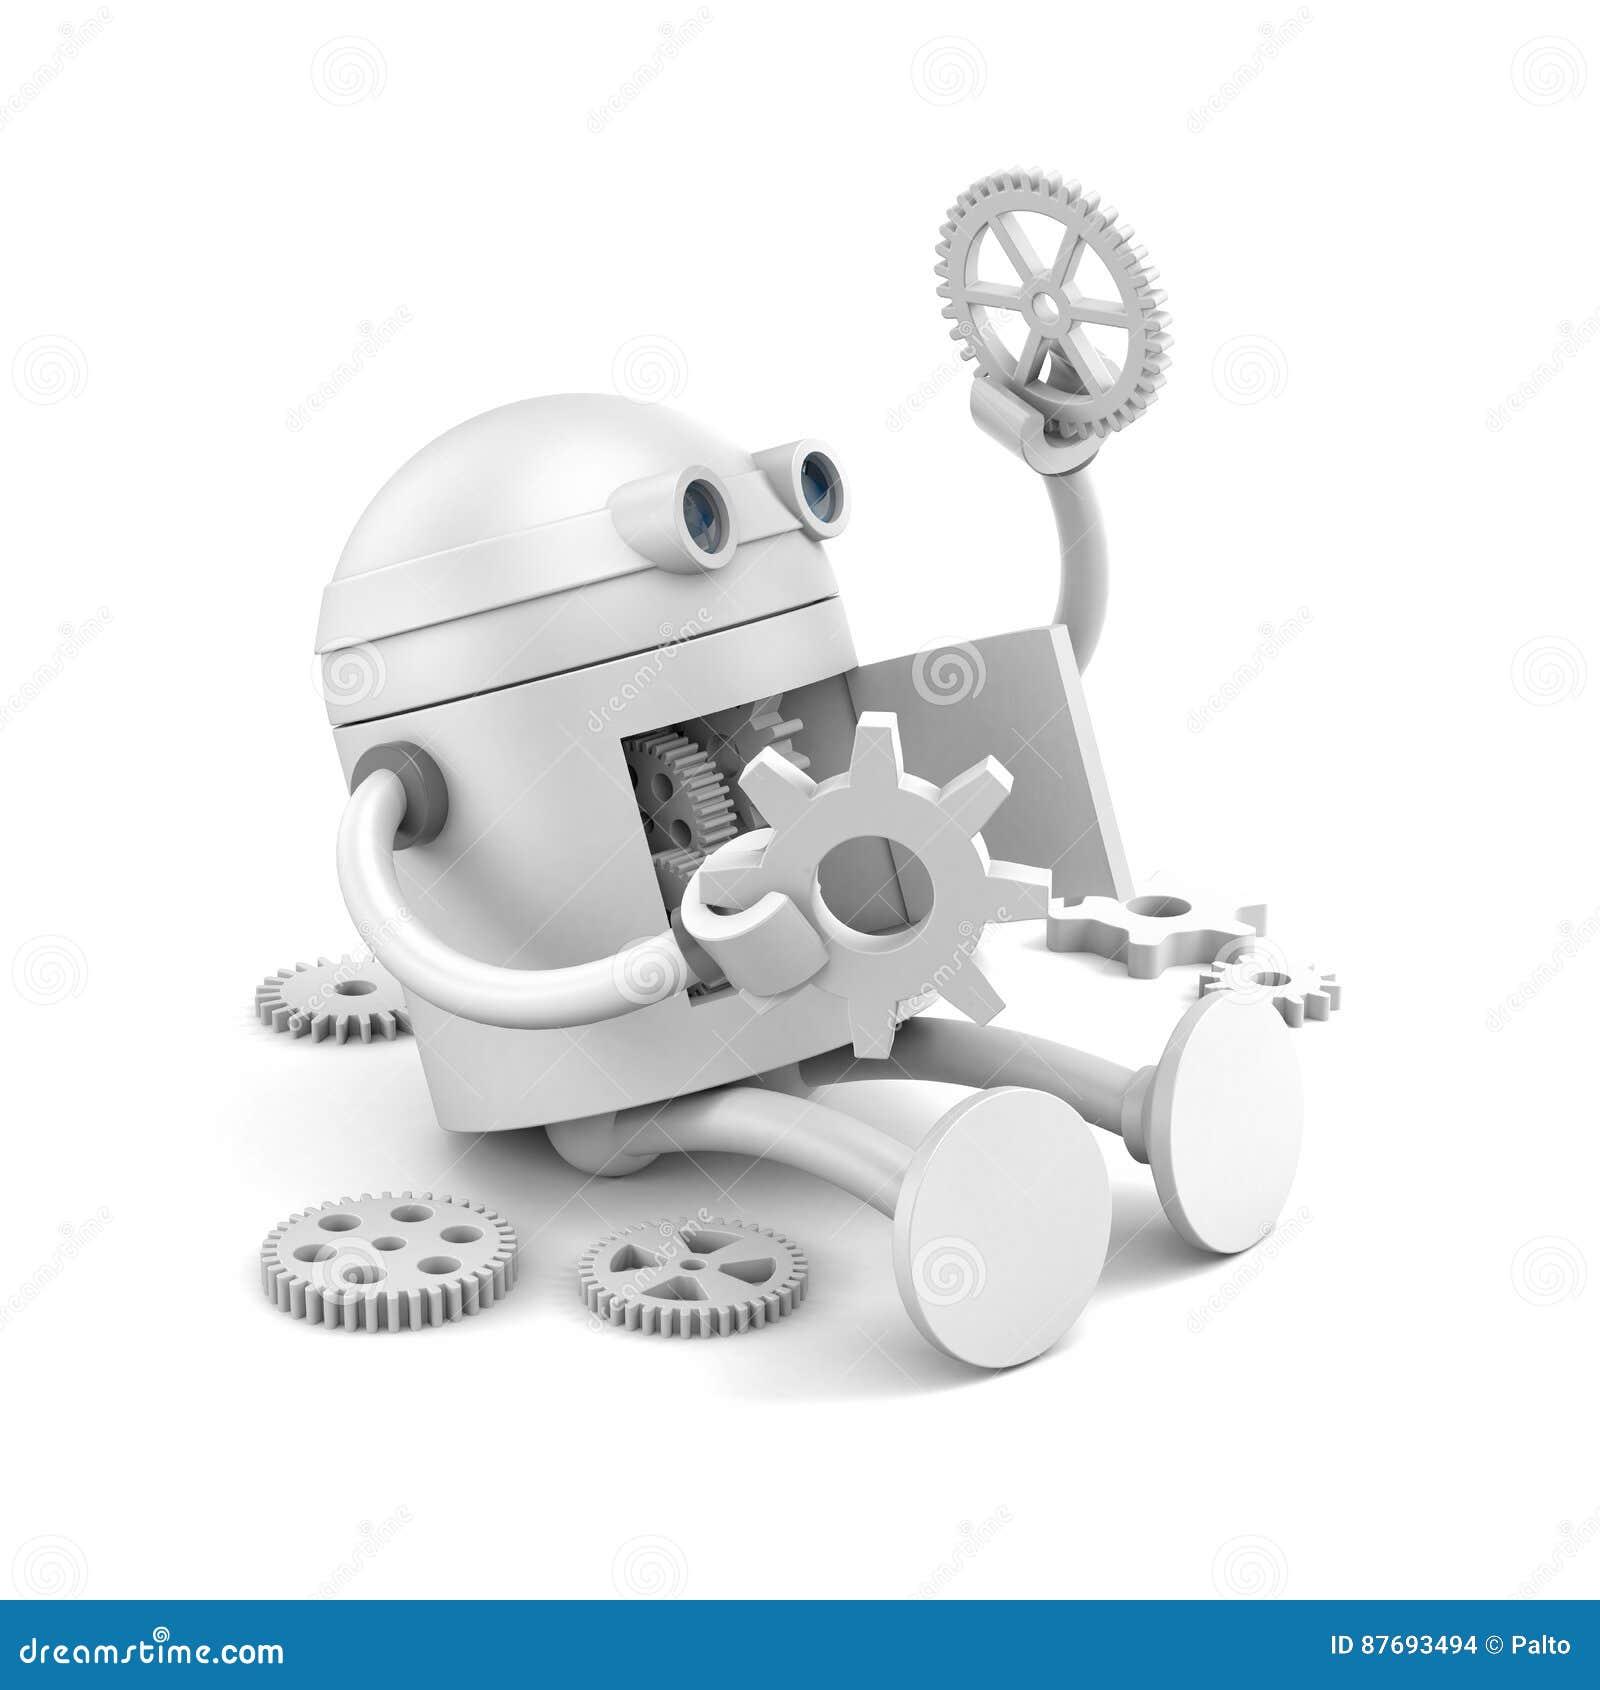 Το σπασμένο ρομπότ εξετάζει τις λεπτομέρειες του μηχανισμού του για τα προγράμματα ιστοχώρου σας